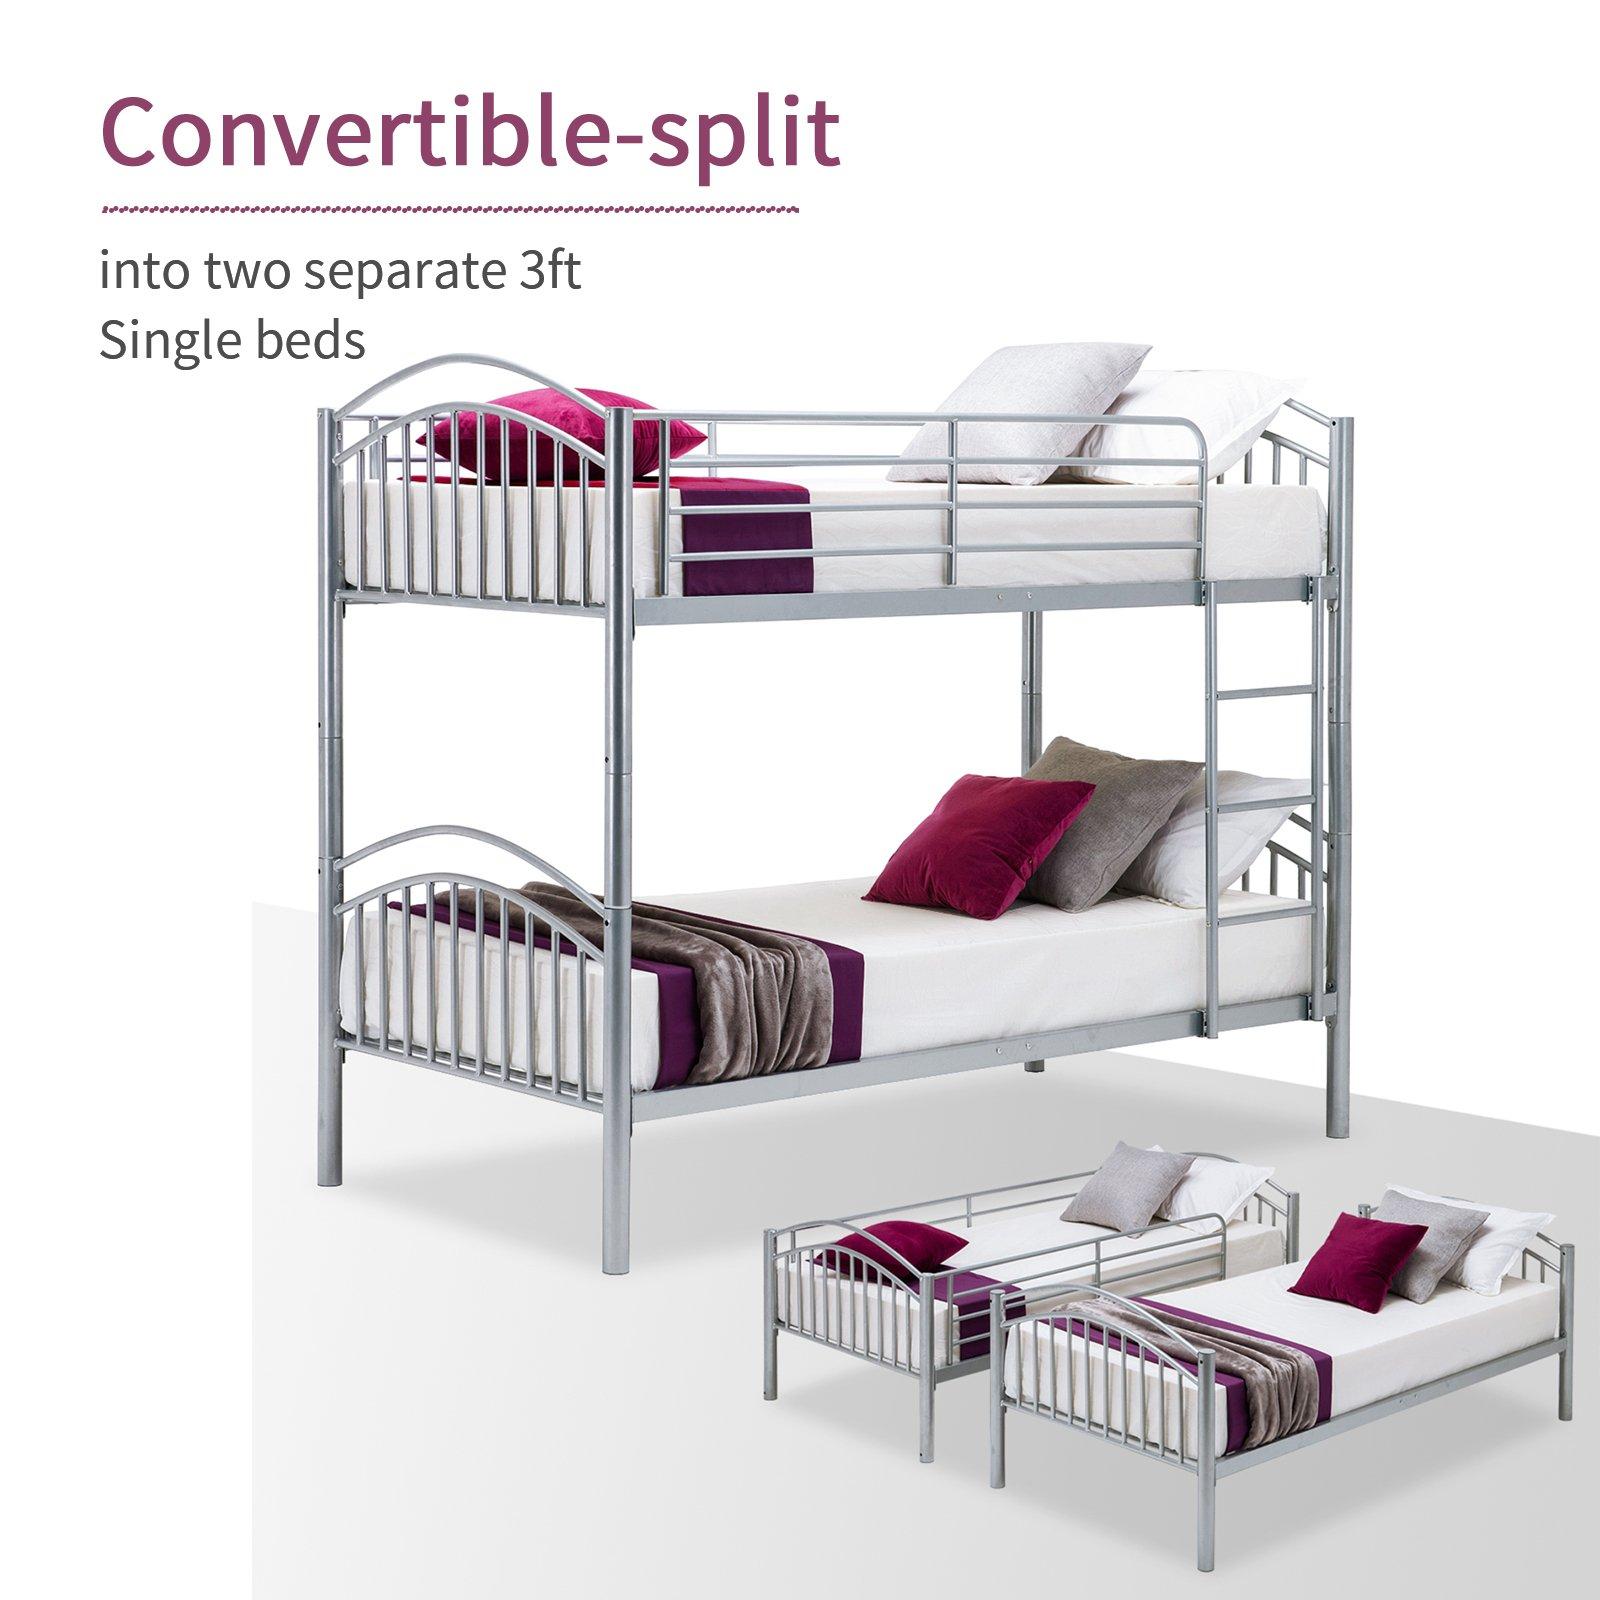 mecor Twin Over – Metal litera Marco de Camas Muebles de Dormitorio para niños/Adultos niños con Escalera: Amazon.es: Juguetes y juegos